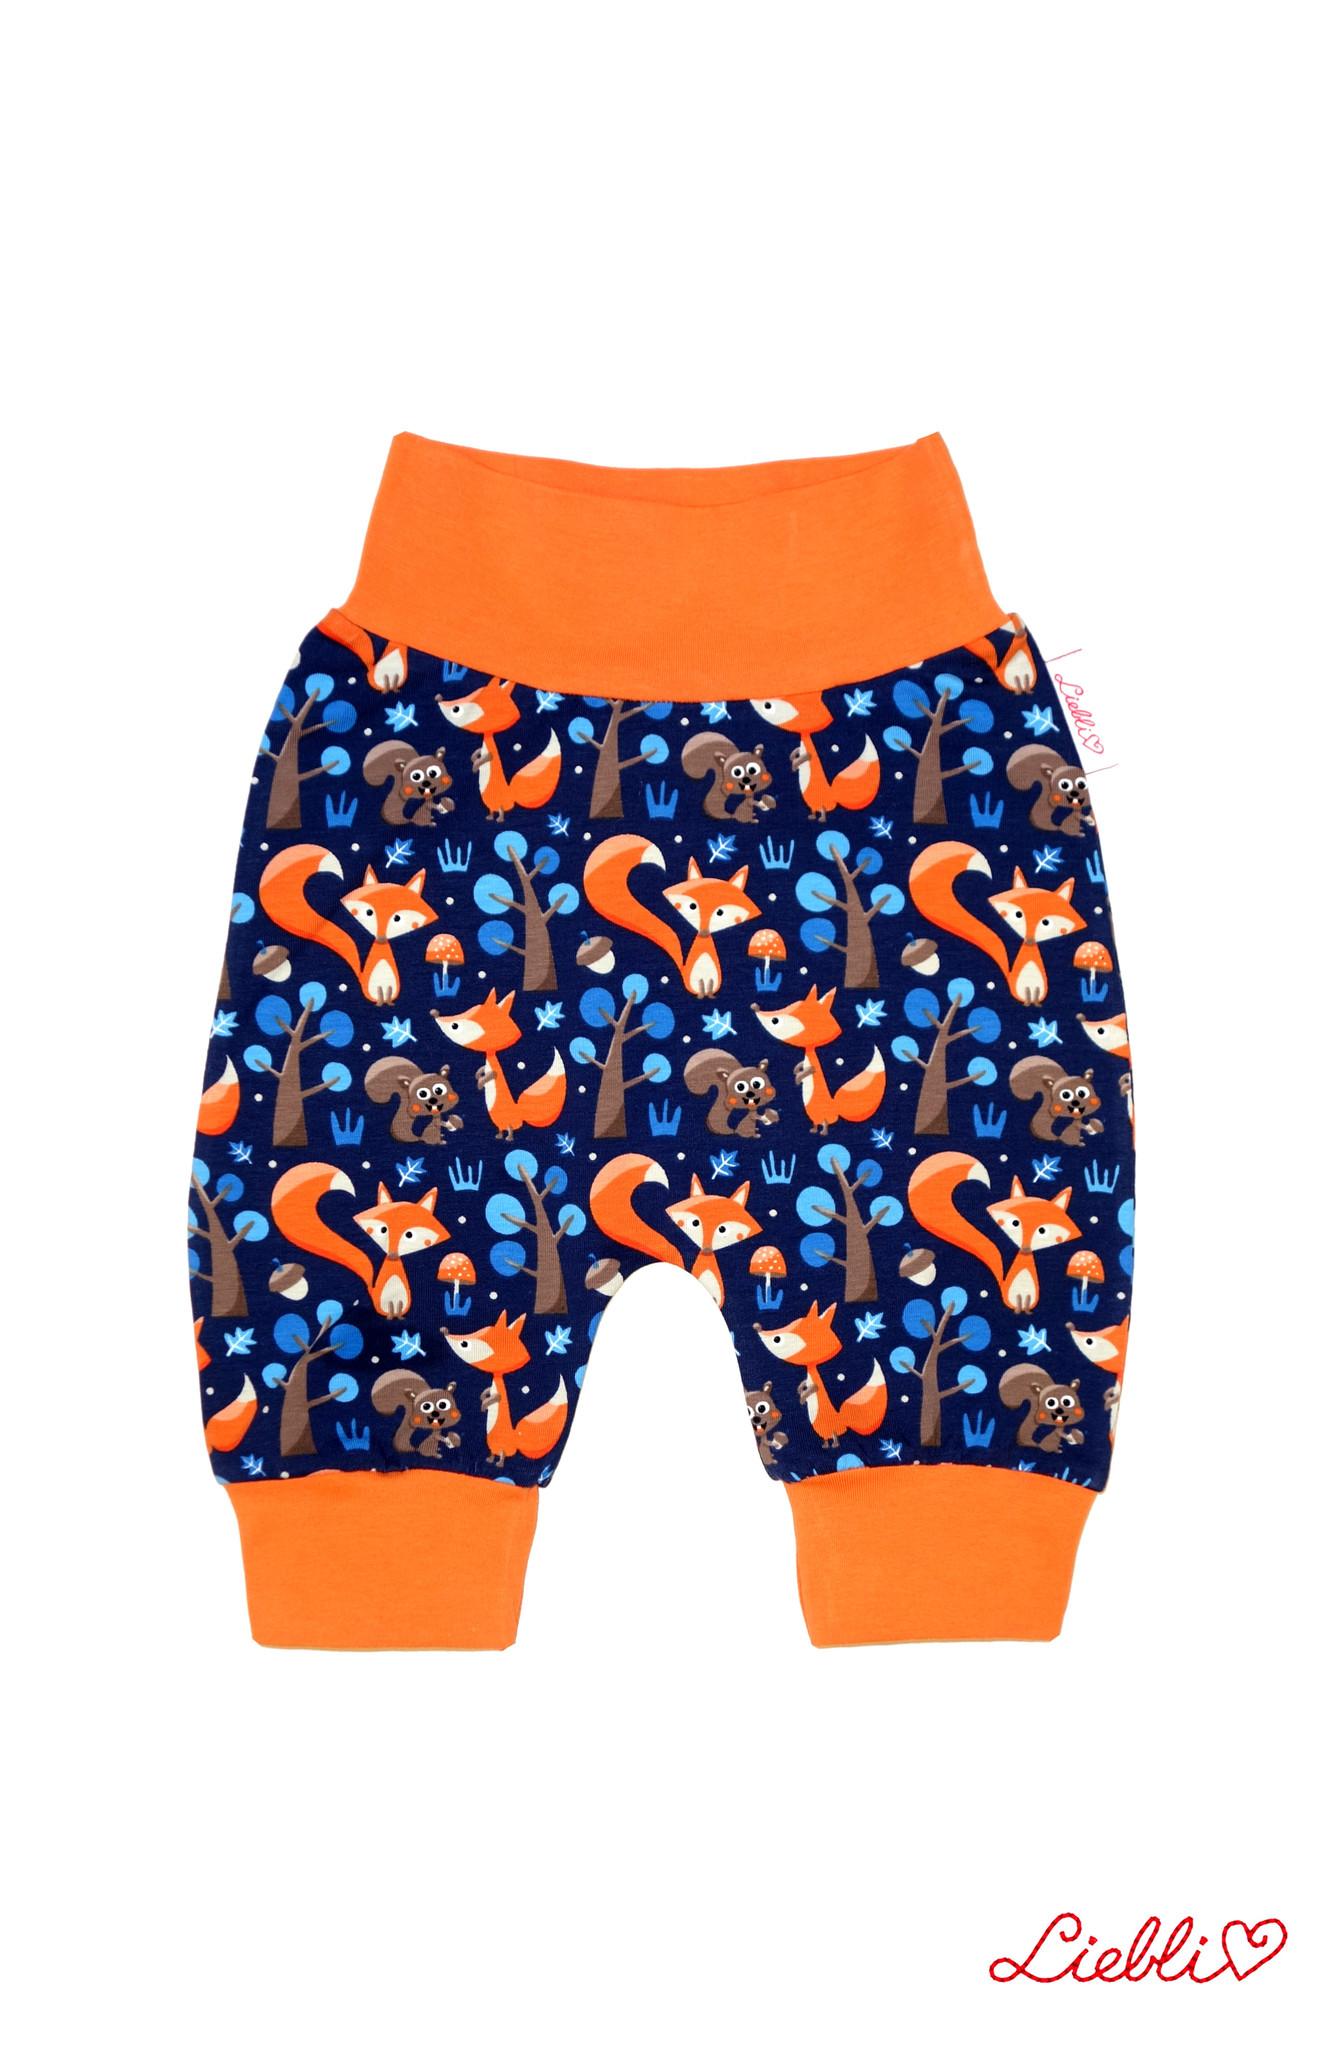 Babyhose / Pumphose, Fuchs mit Eichhörnchen dunkelblau orange